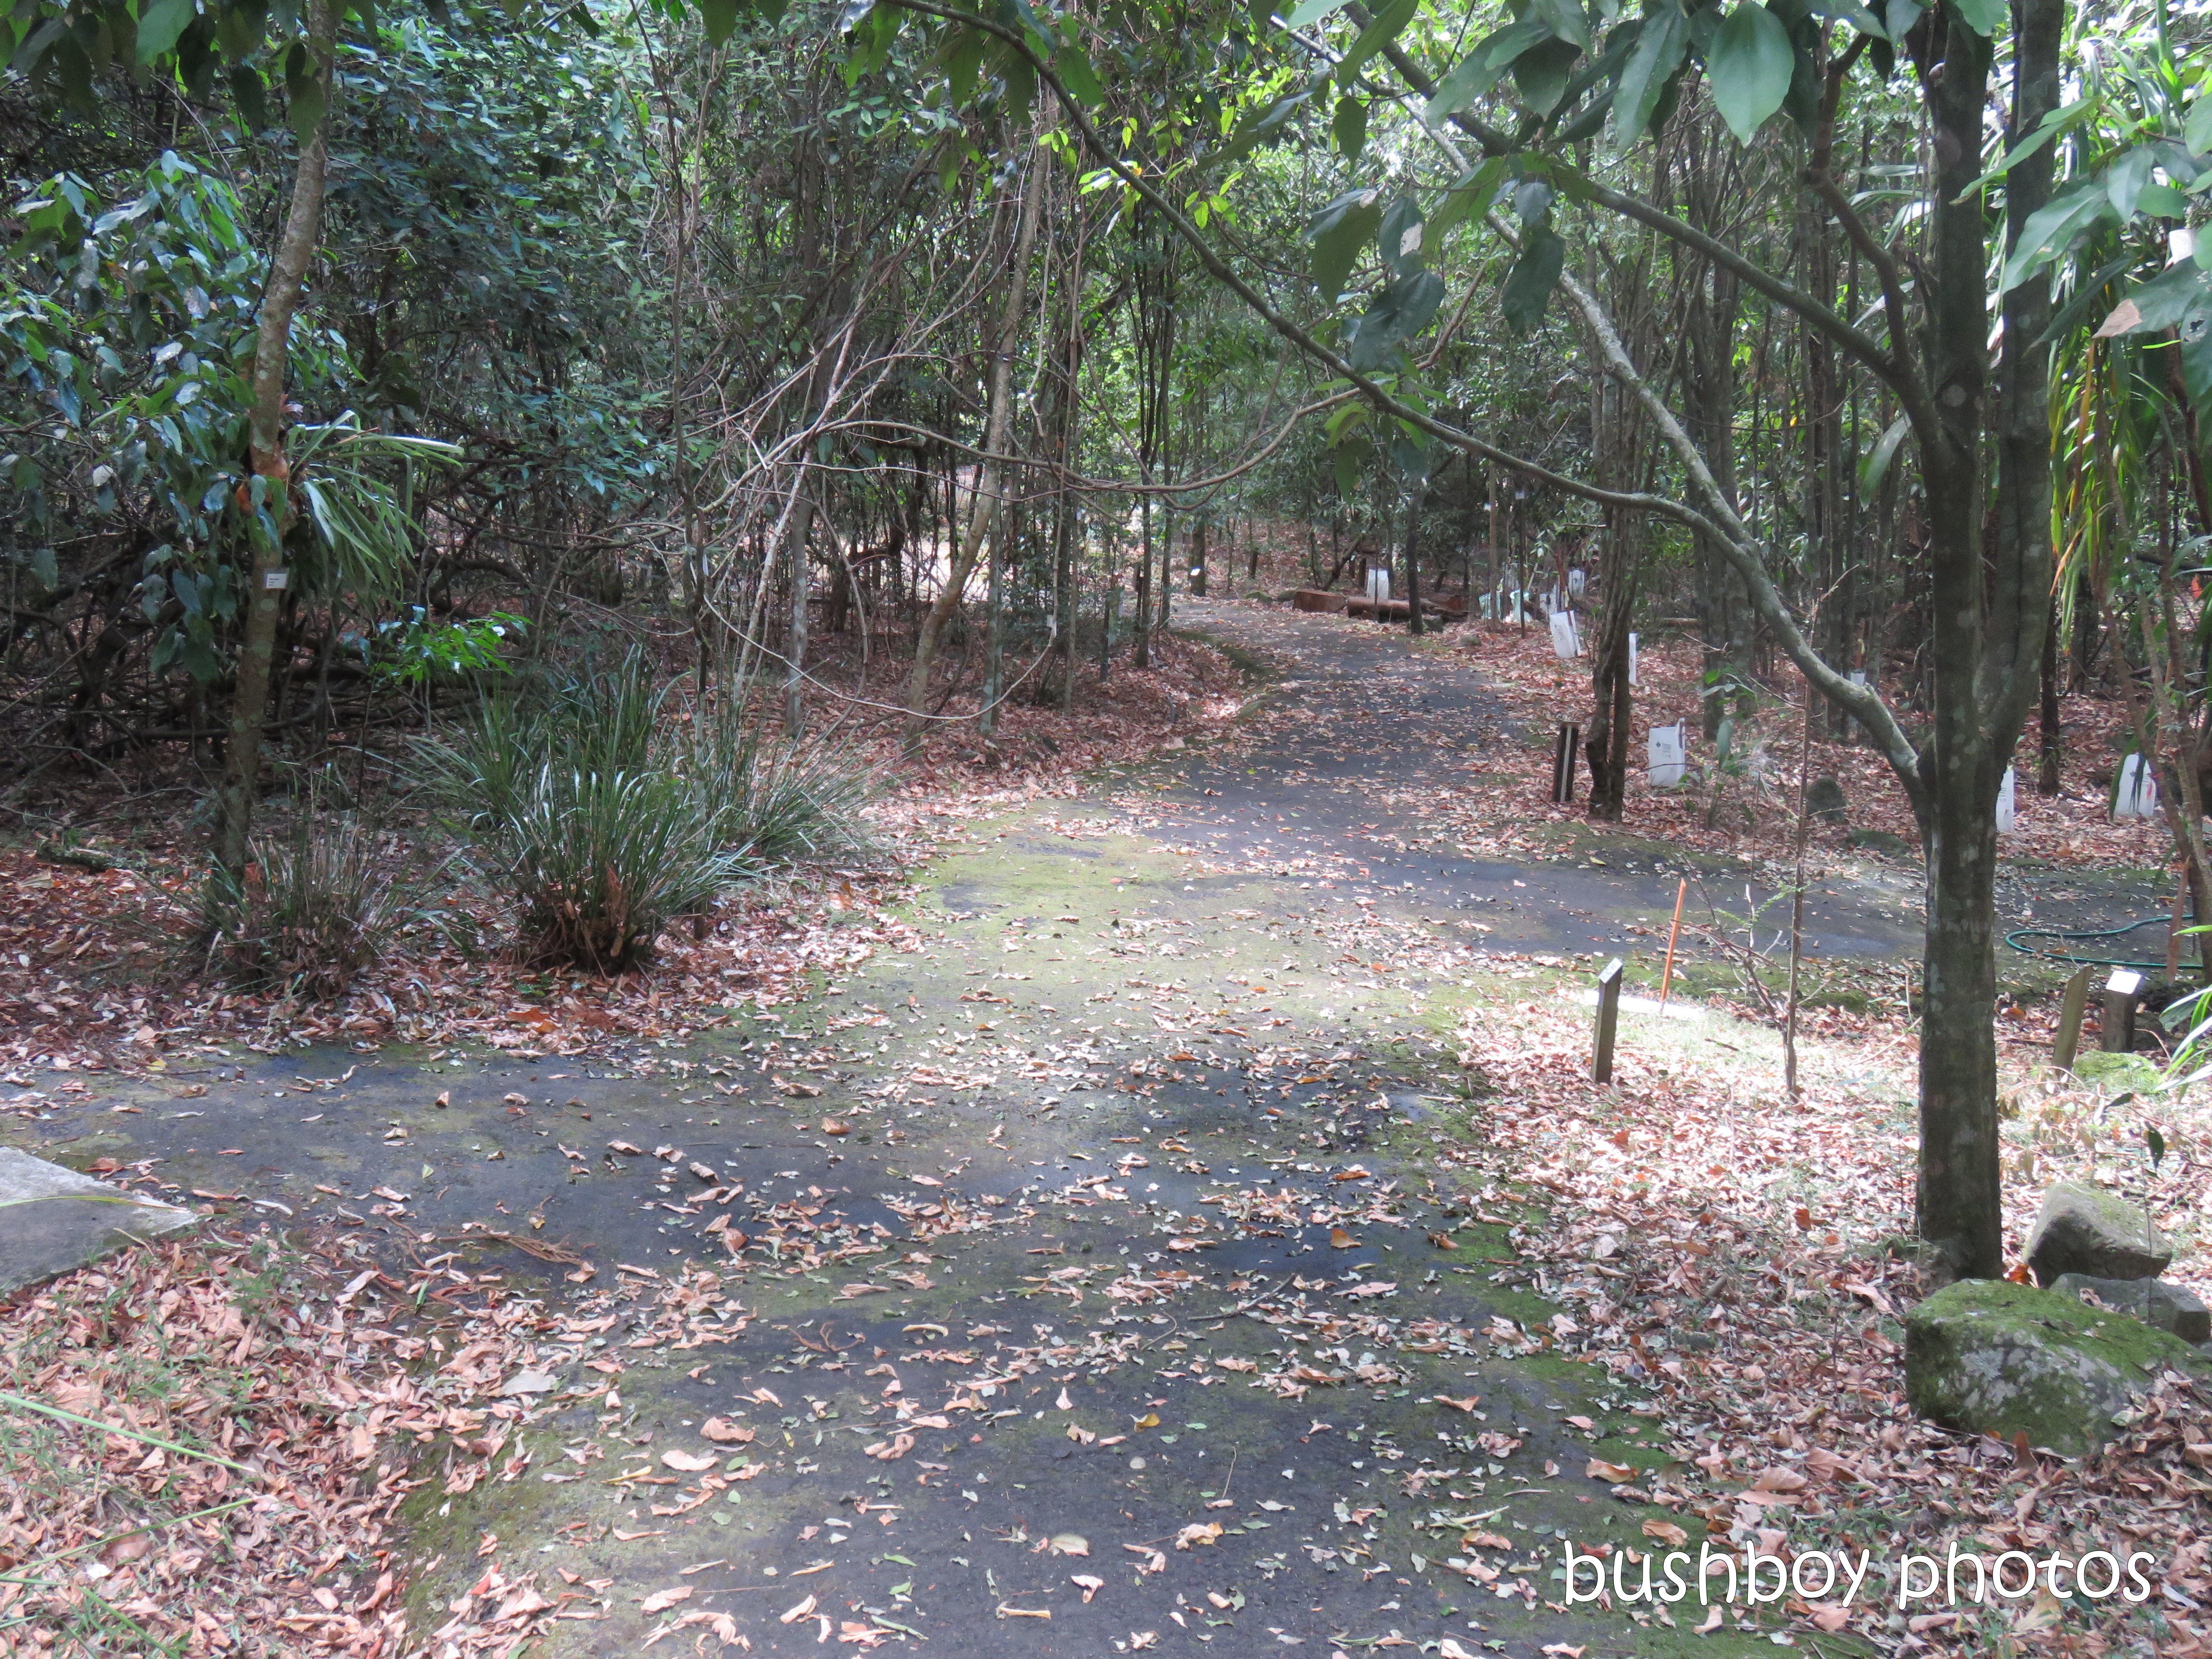 lismore_botanical_gardens_paths_bridges1_jan 2019 (11)